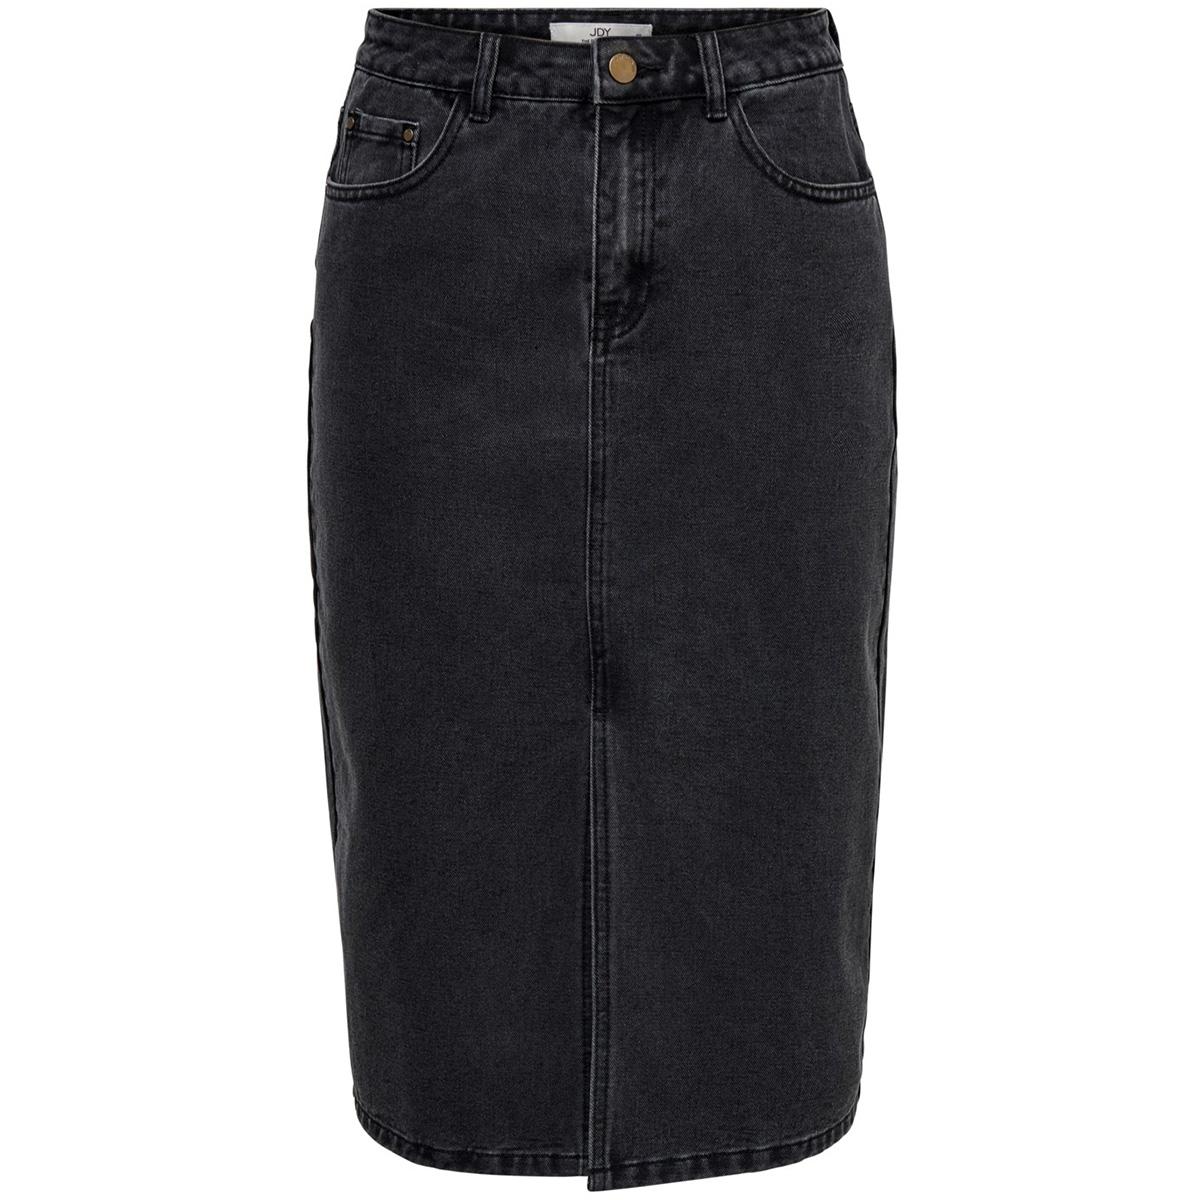 jdyjane  mid skirt black dnm 15184419 jacqueline de yong rok black denim